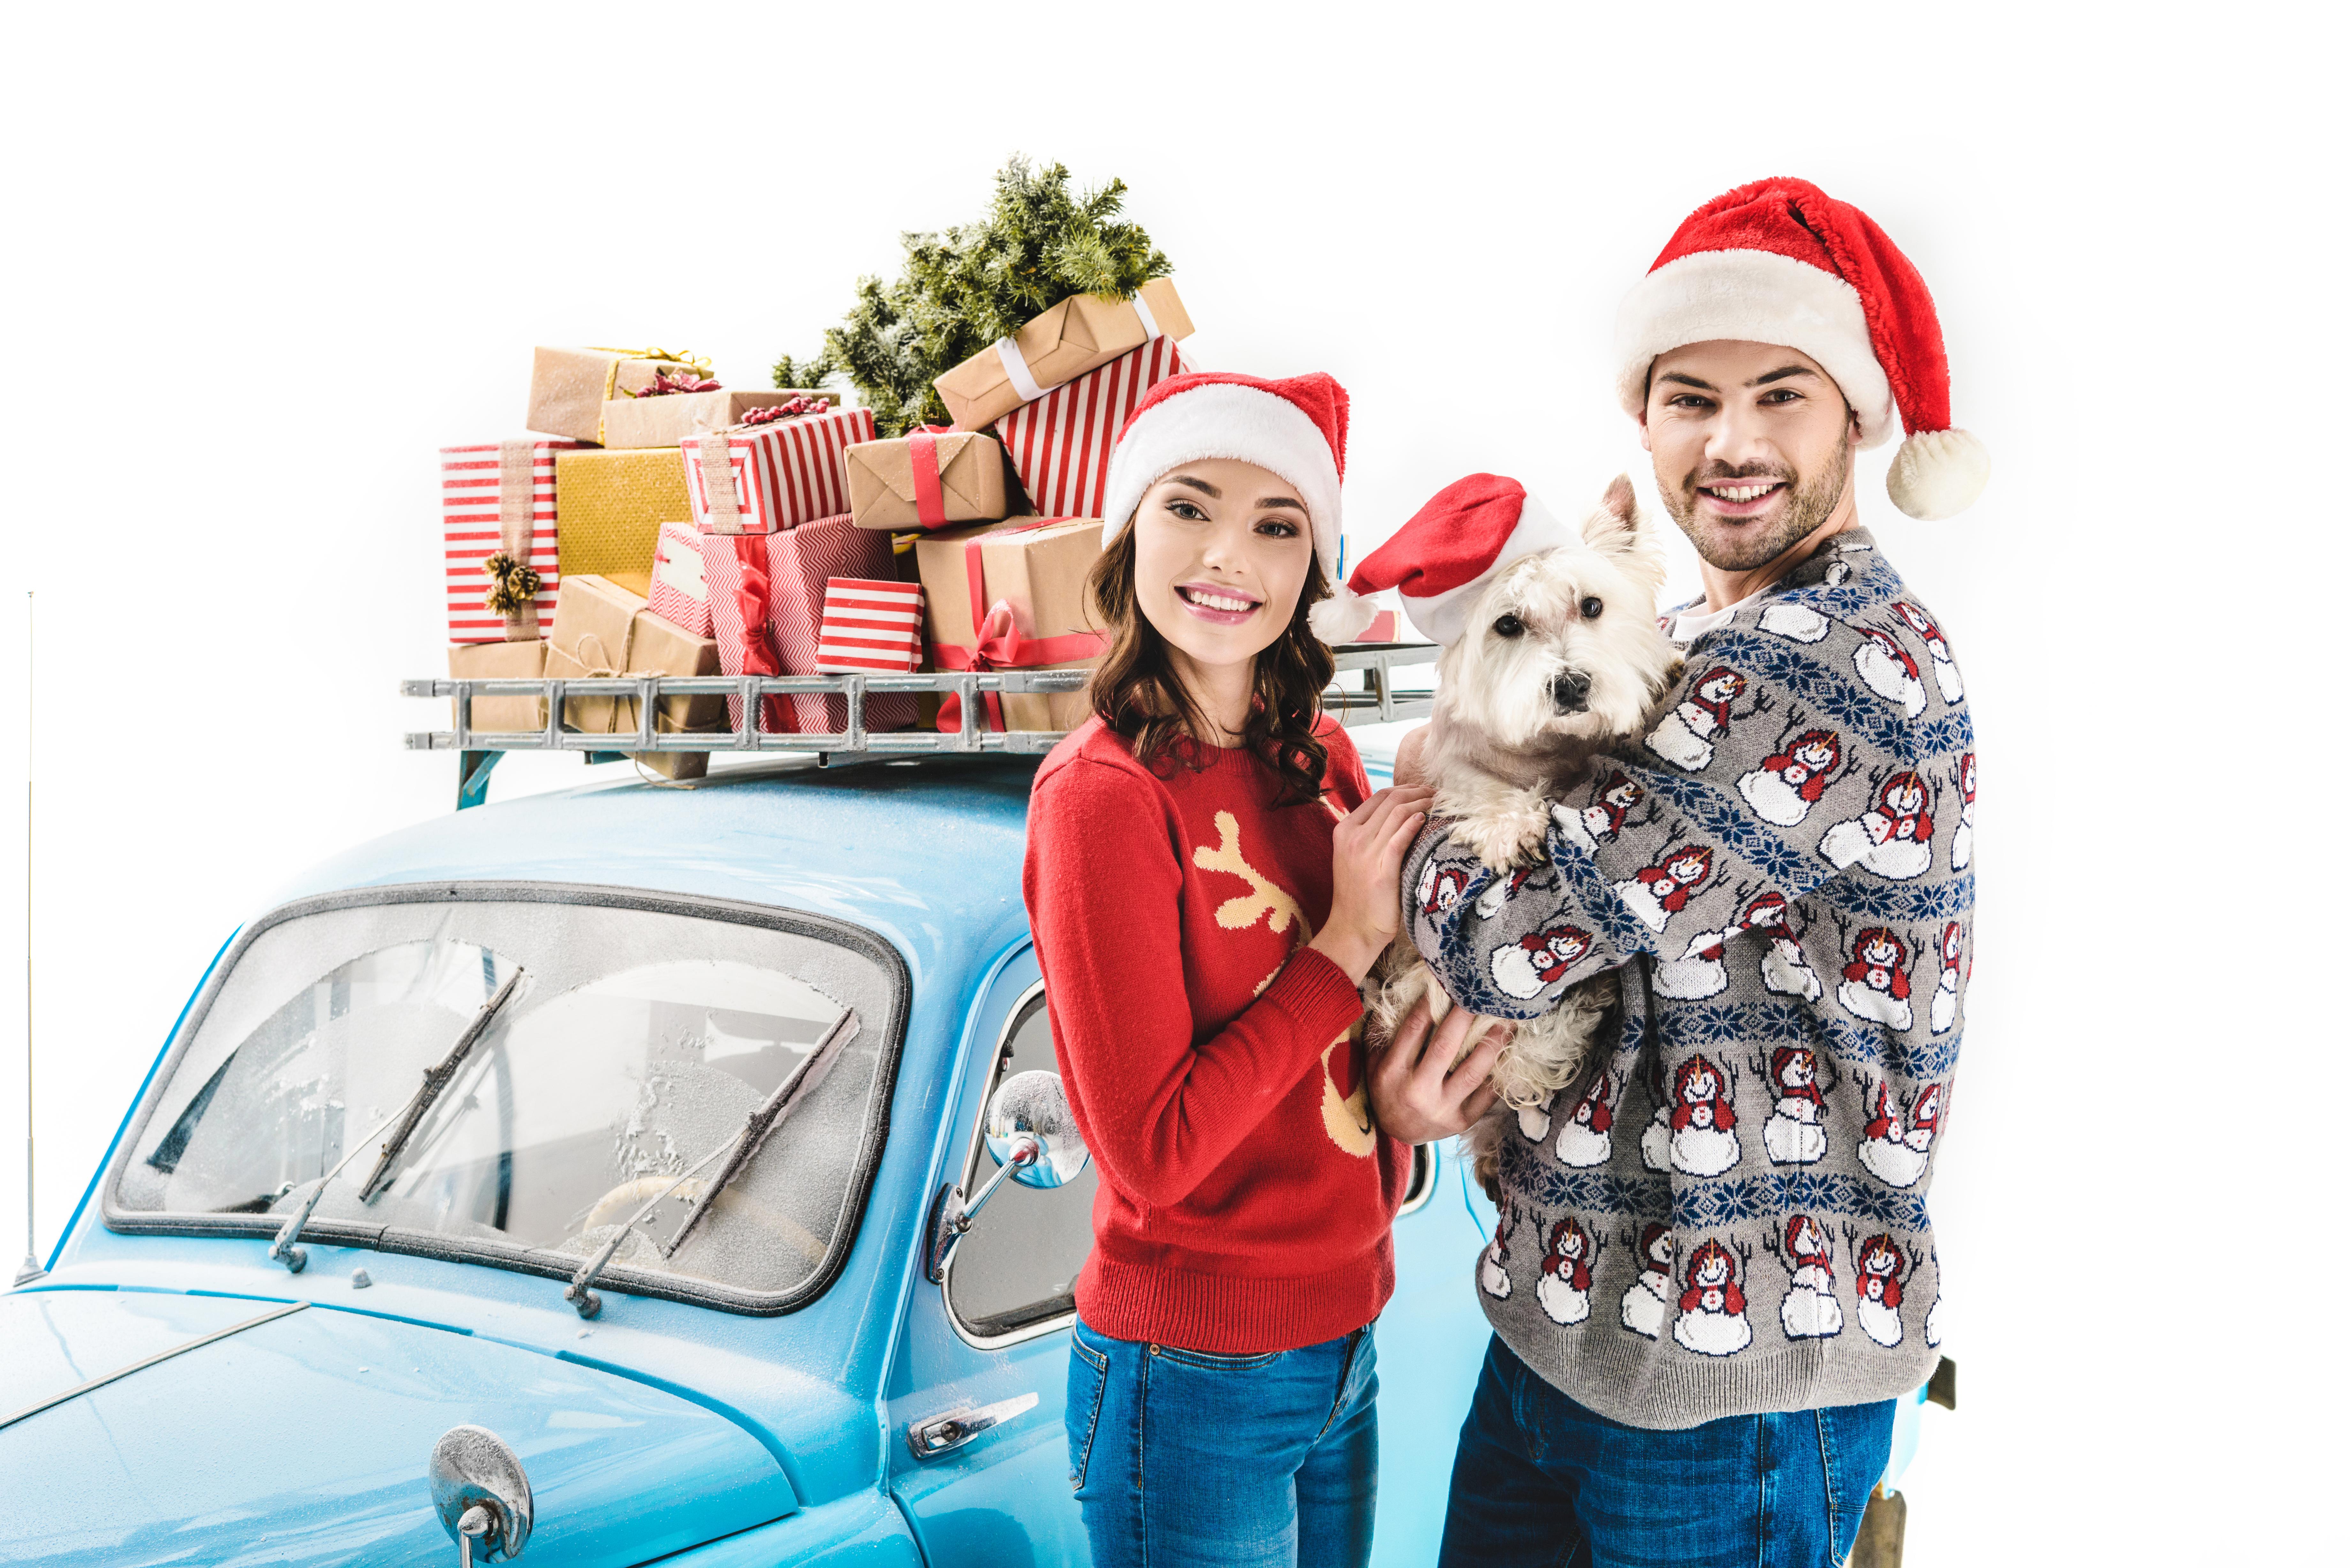 Darujte vánoční balíček plný zdravých věcí!